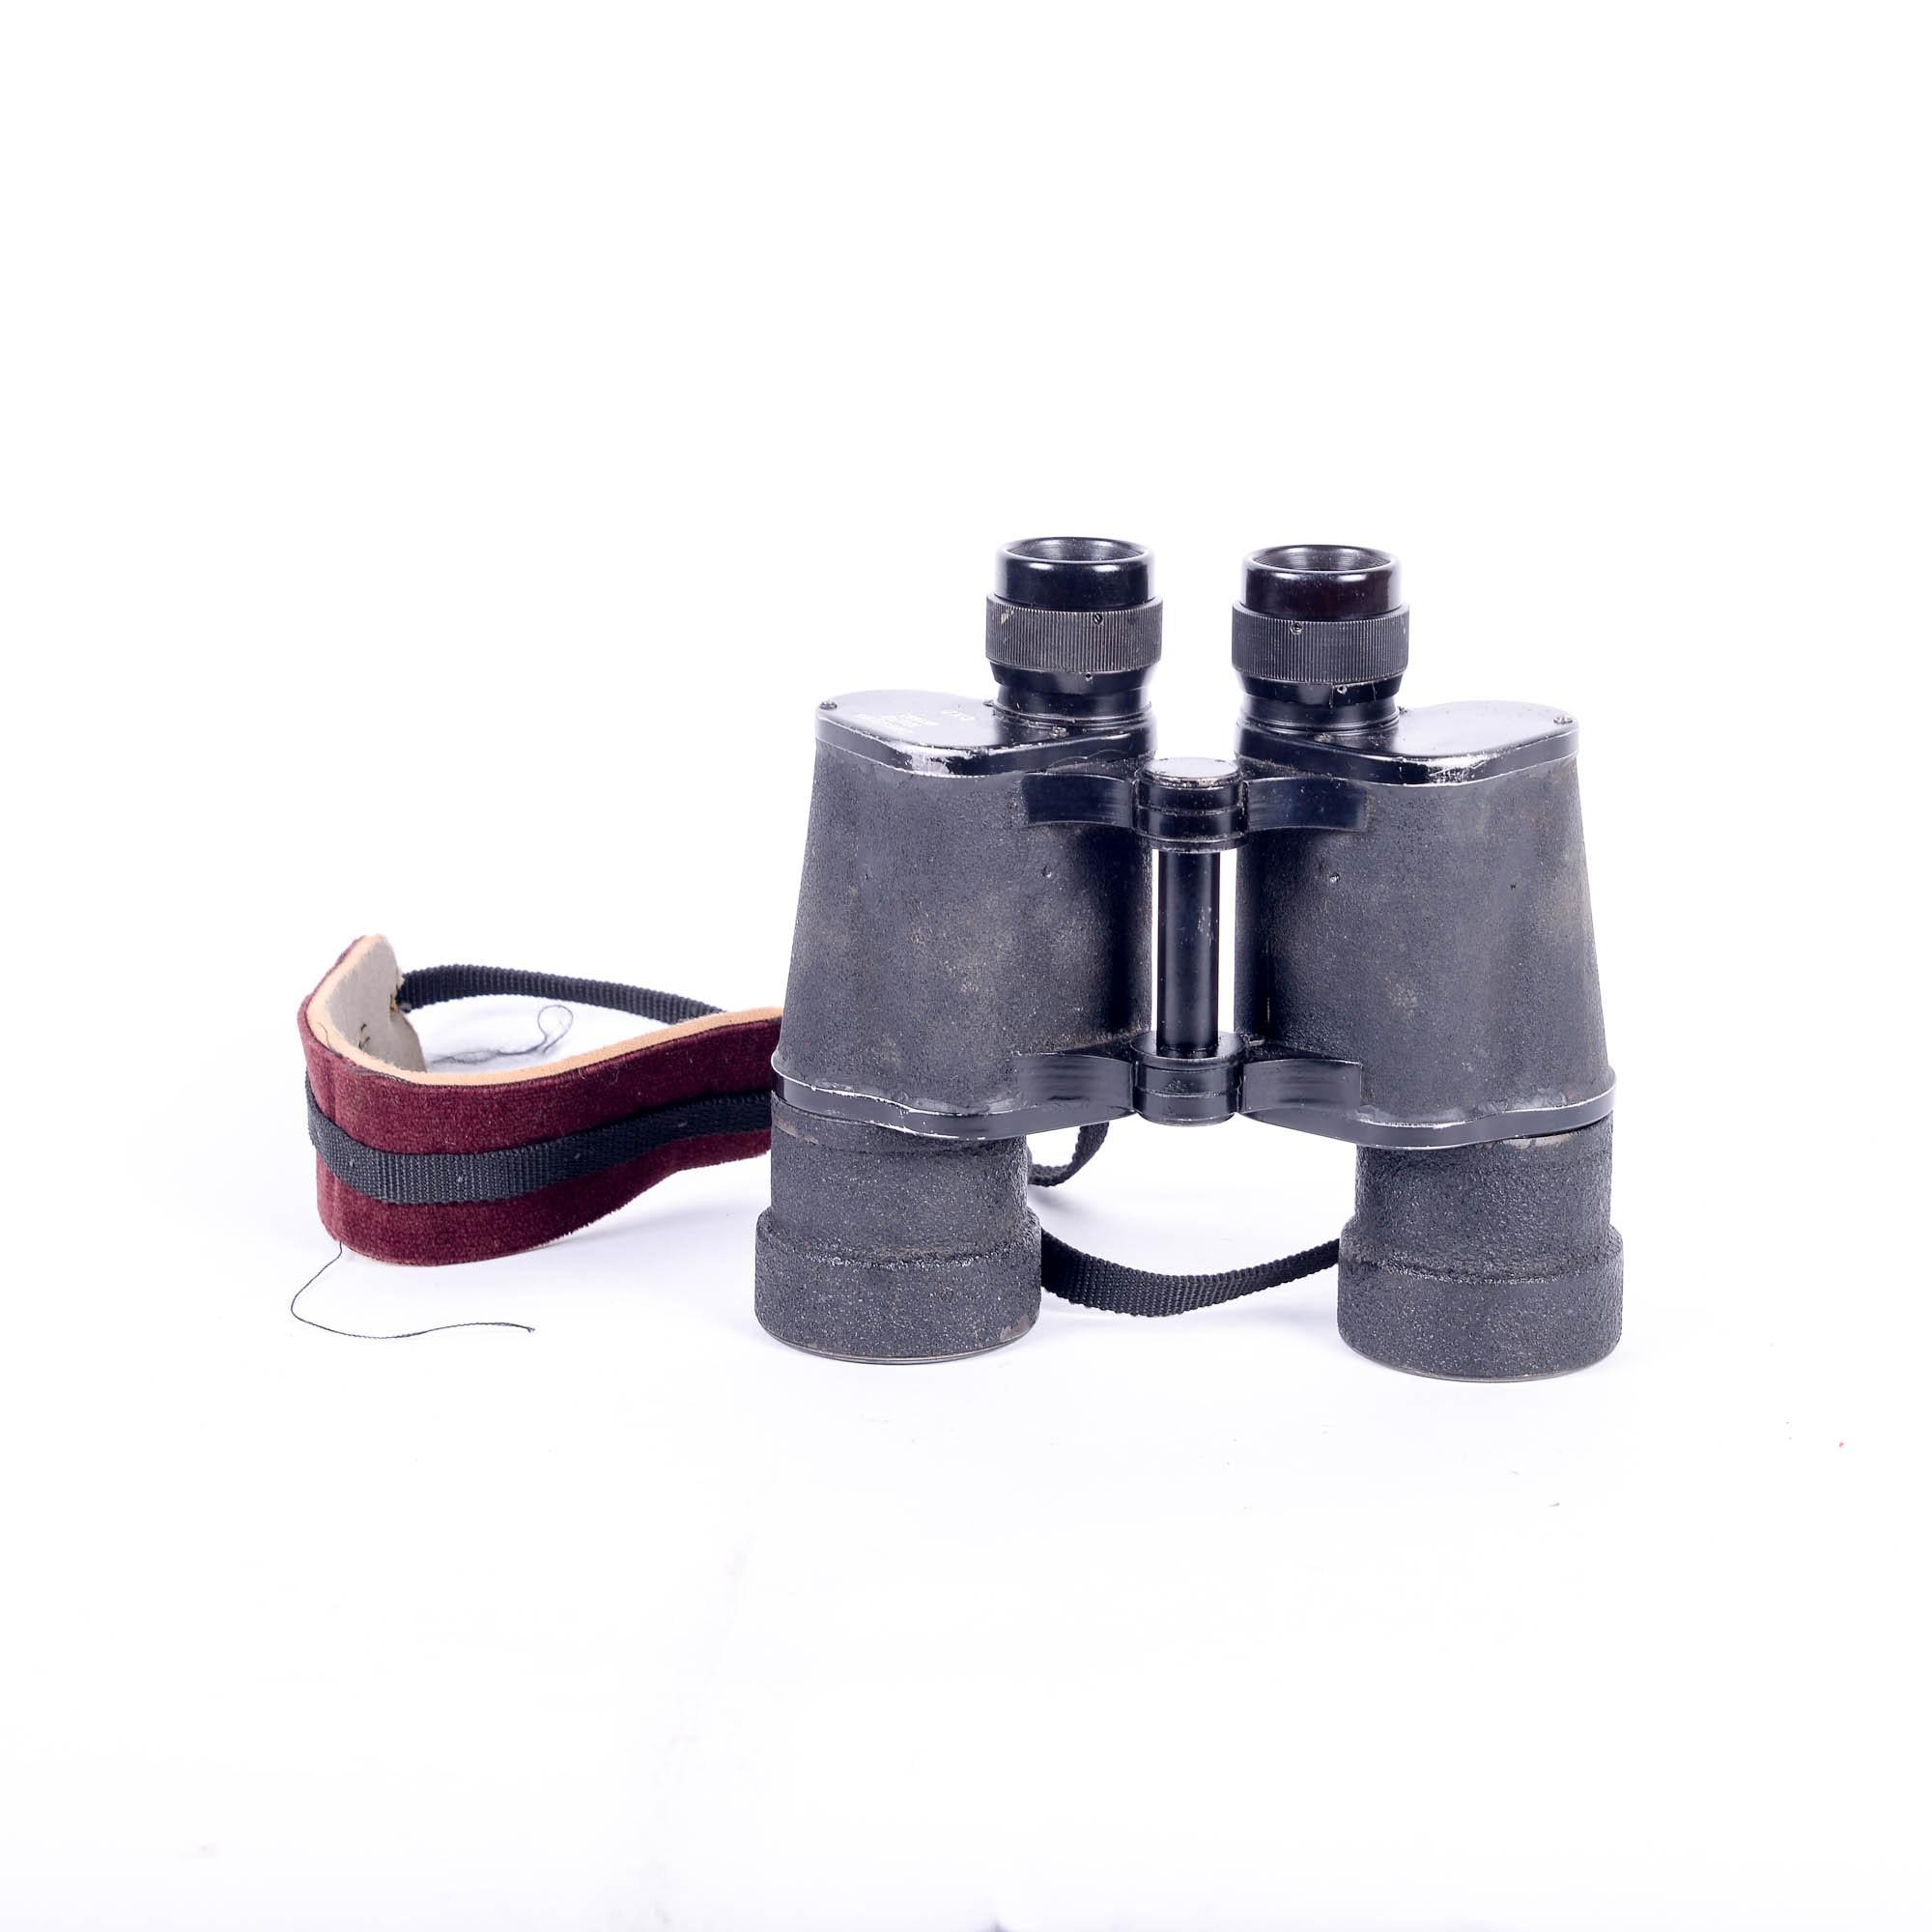 Pair of Anscomatic Binoculars